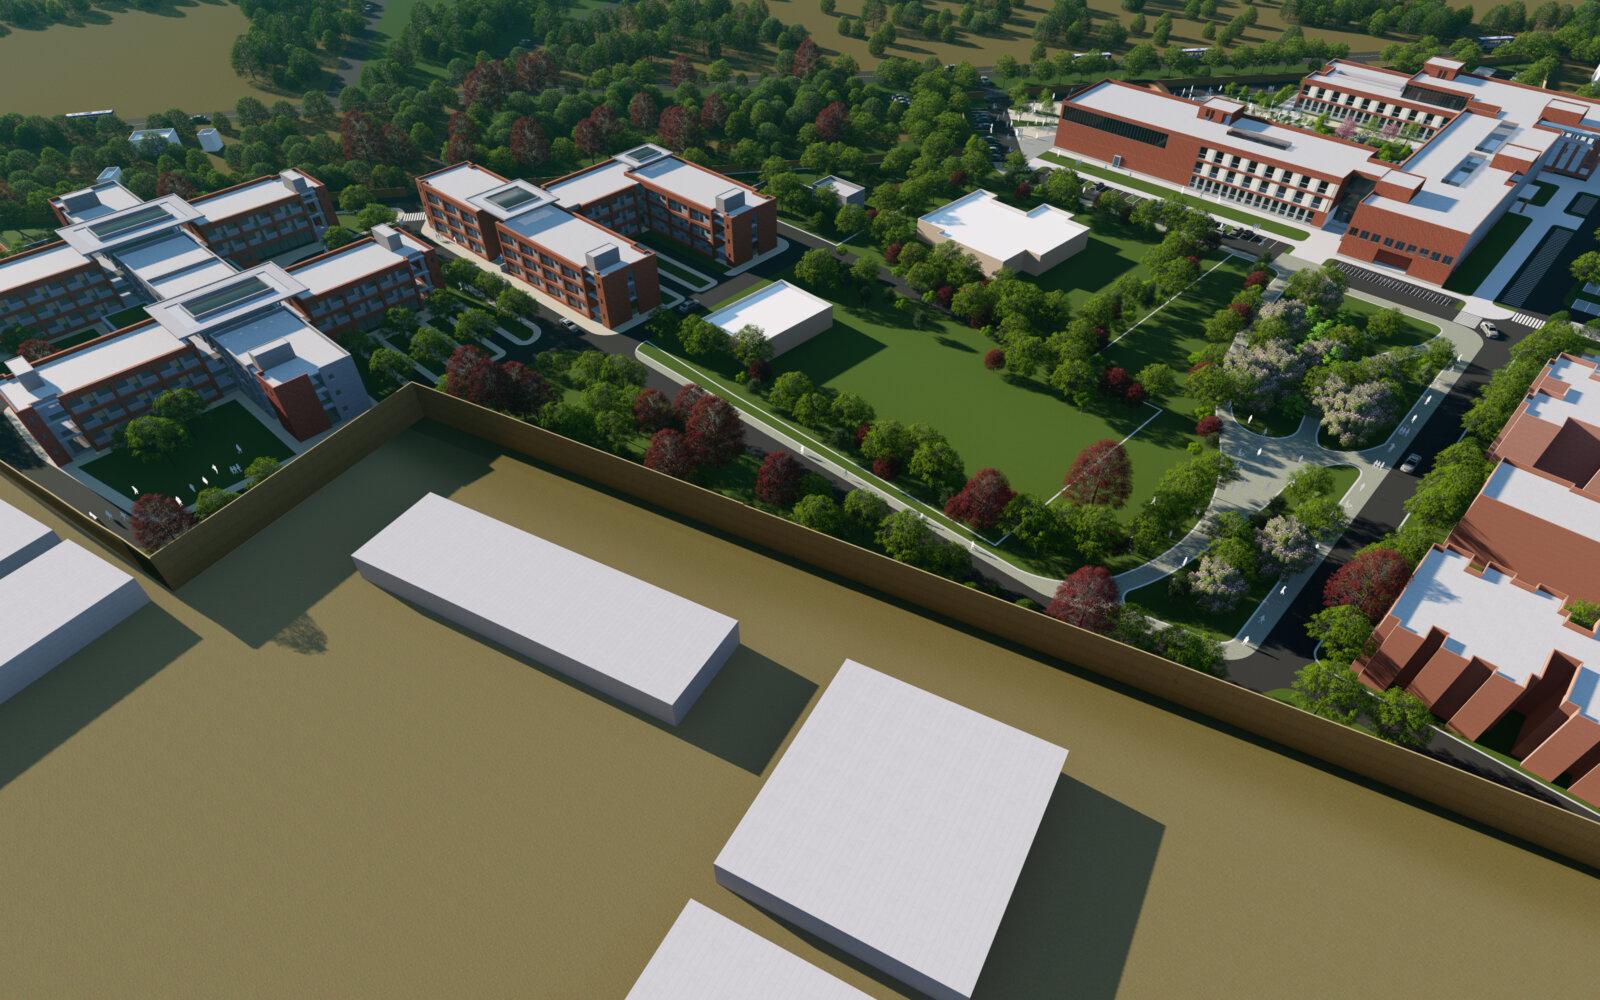 Regional Institute of Allied Health Sciences India aerial CGI